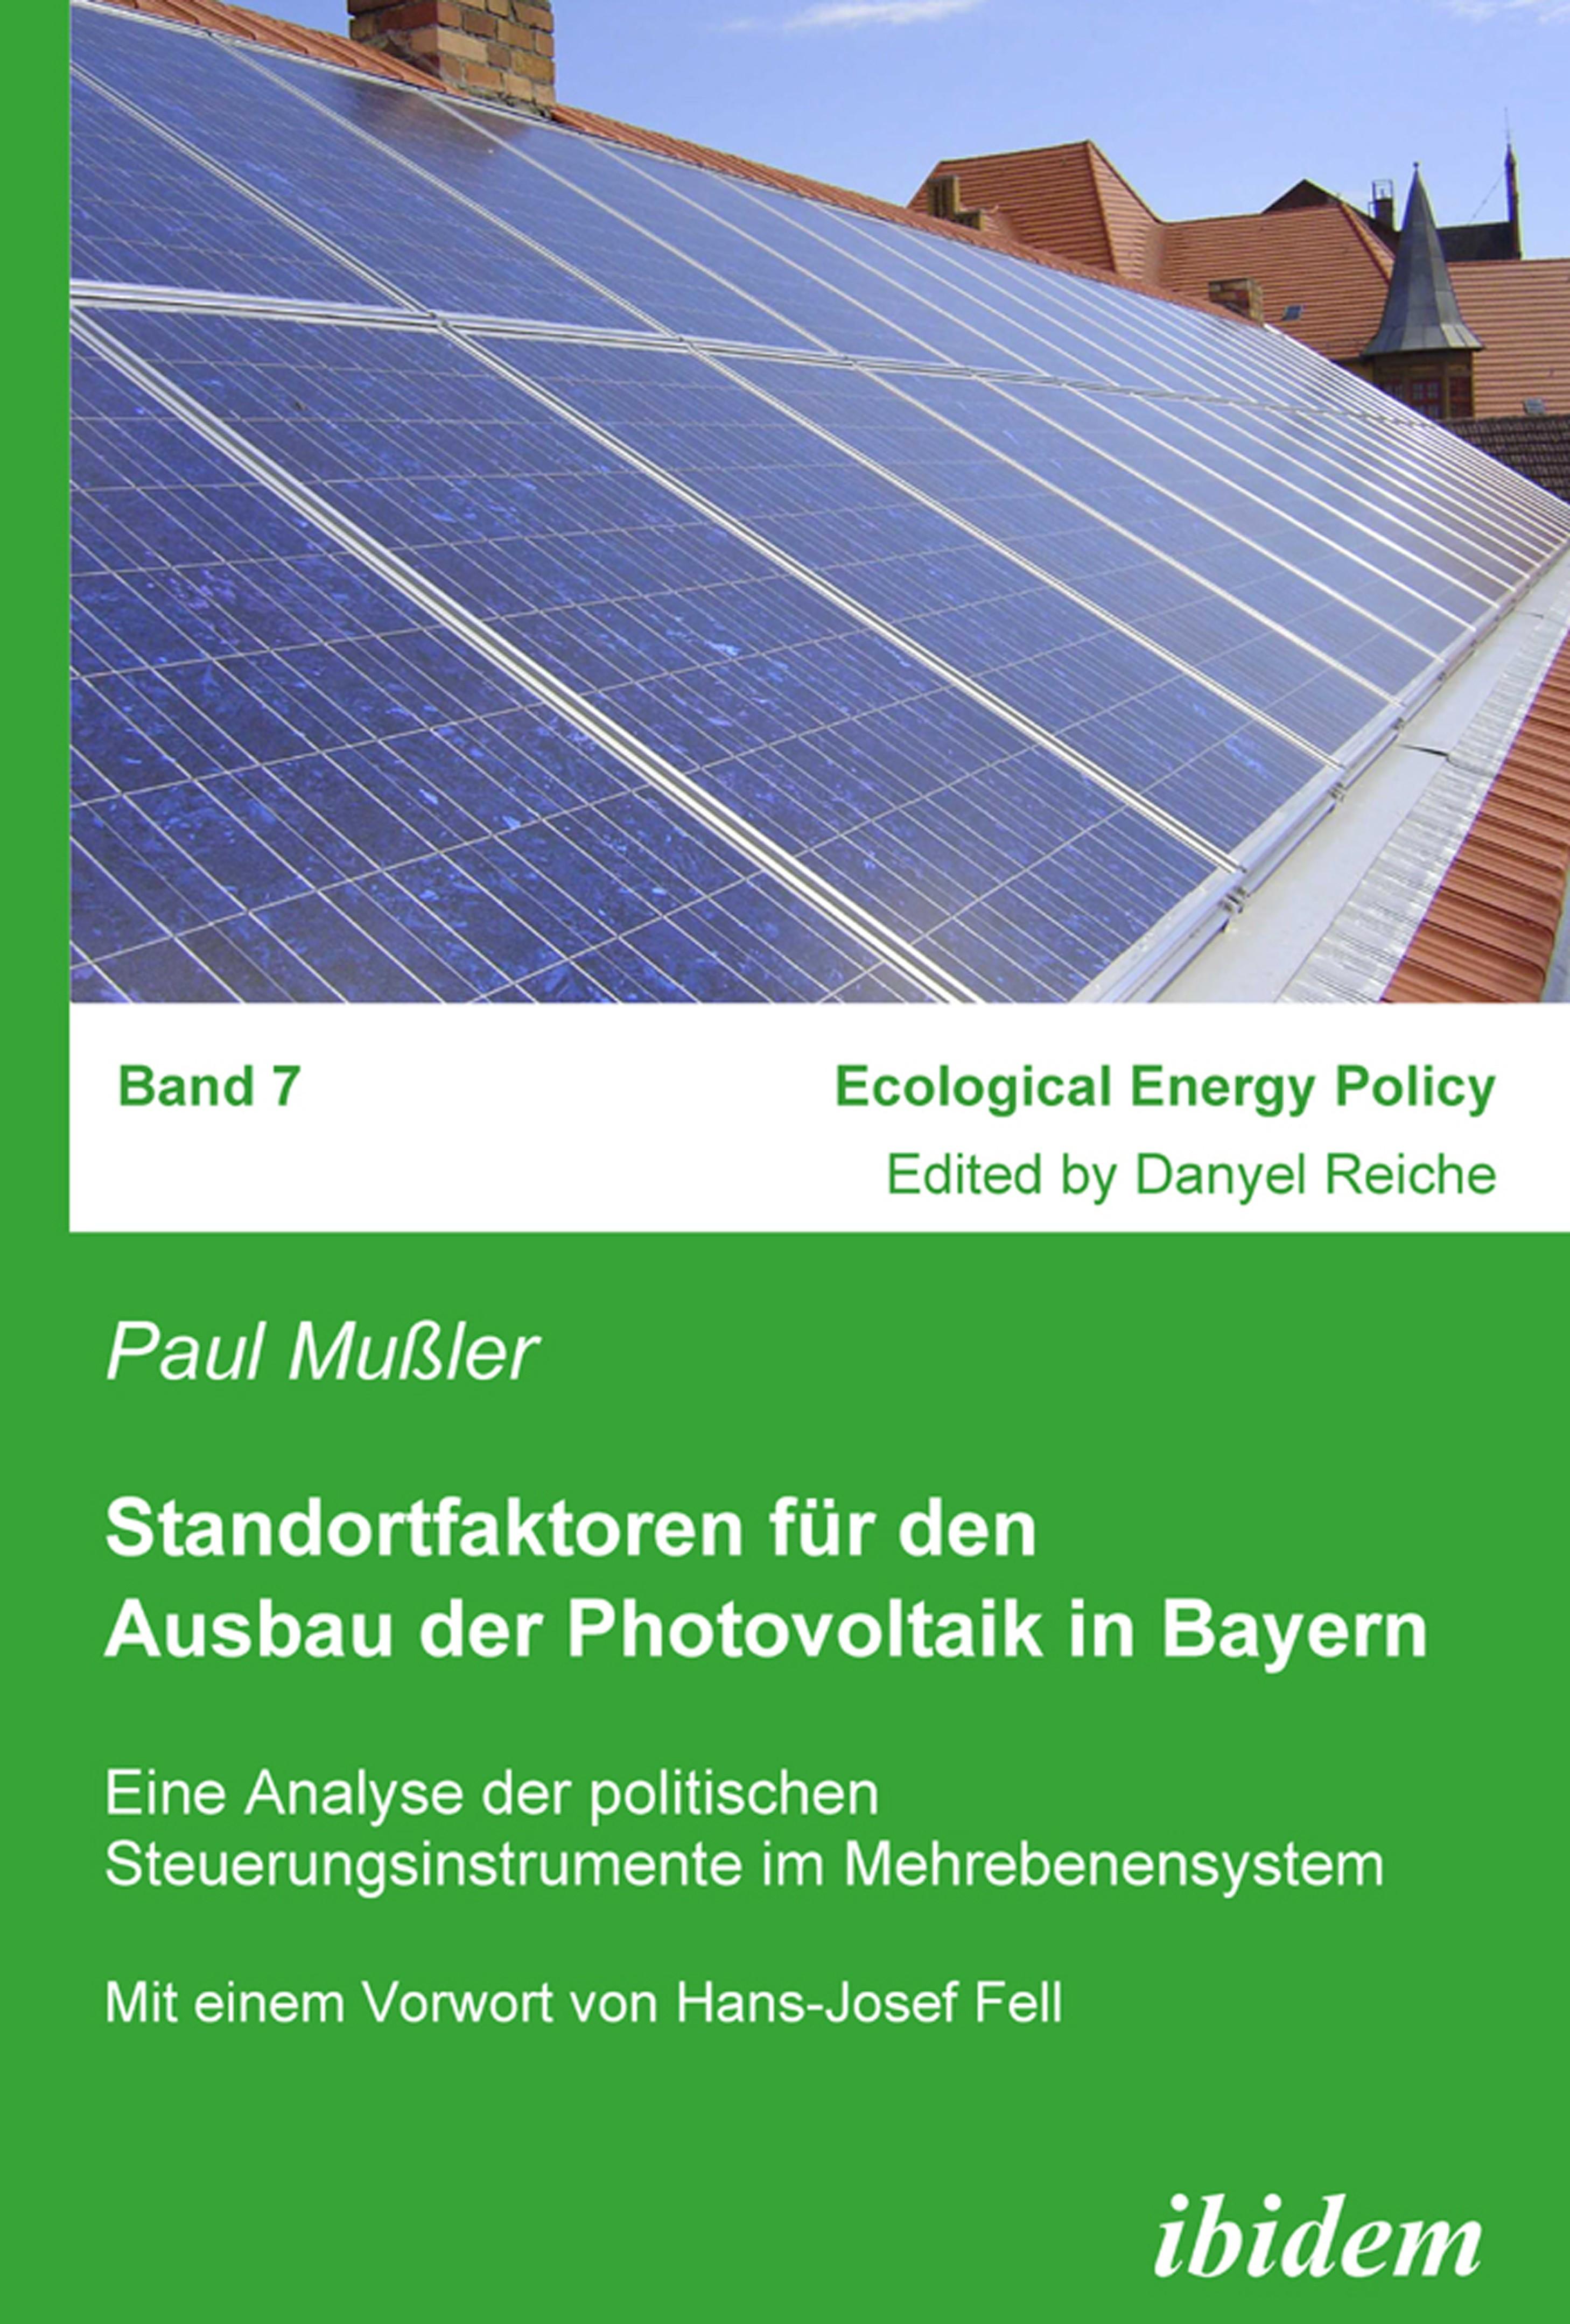 Standortfaktoren für den Ausbau der Photovoltaik in Bayern